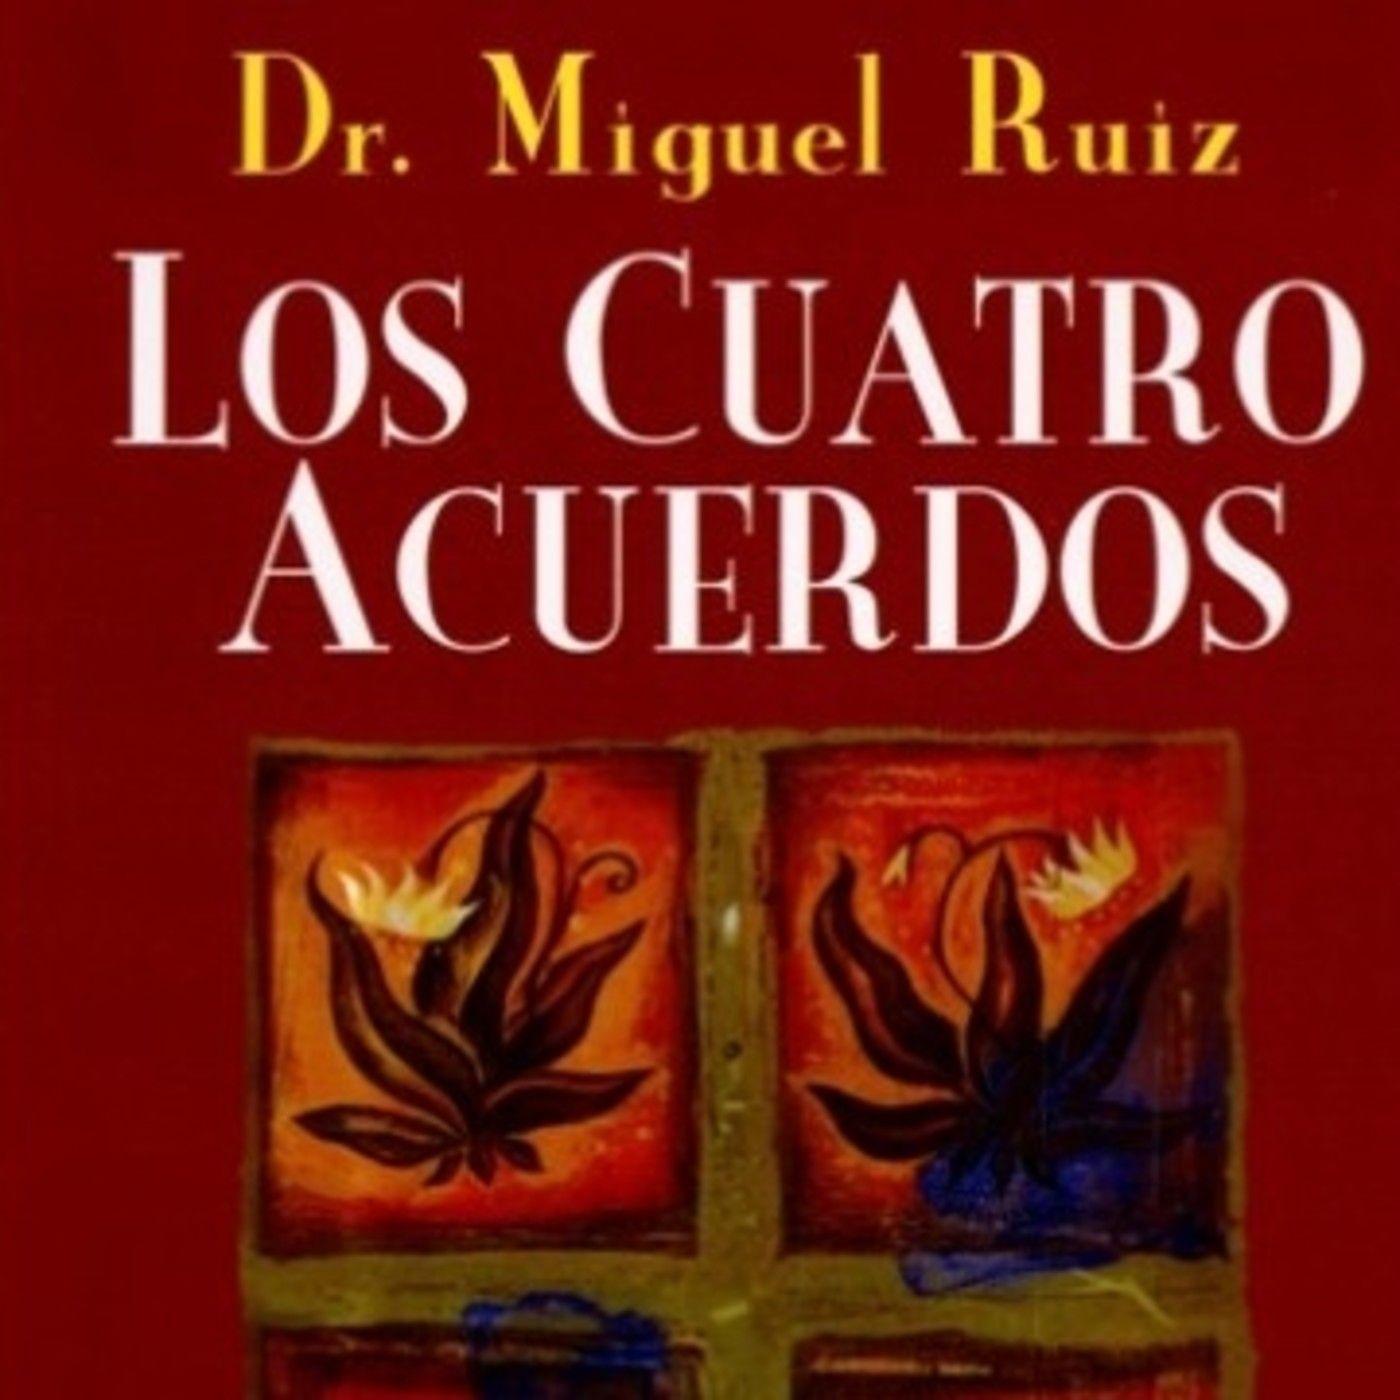 Los Cuatro Acuerdos, Audiolibro – Don Miguel Ruiz – Decida